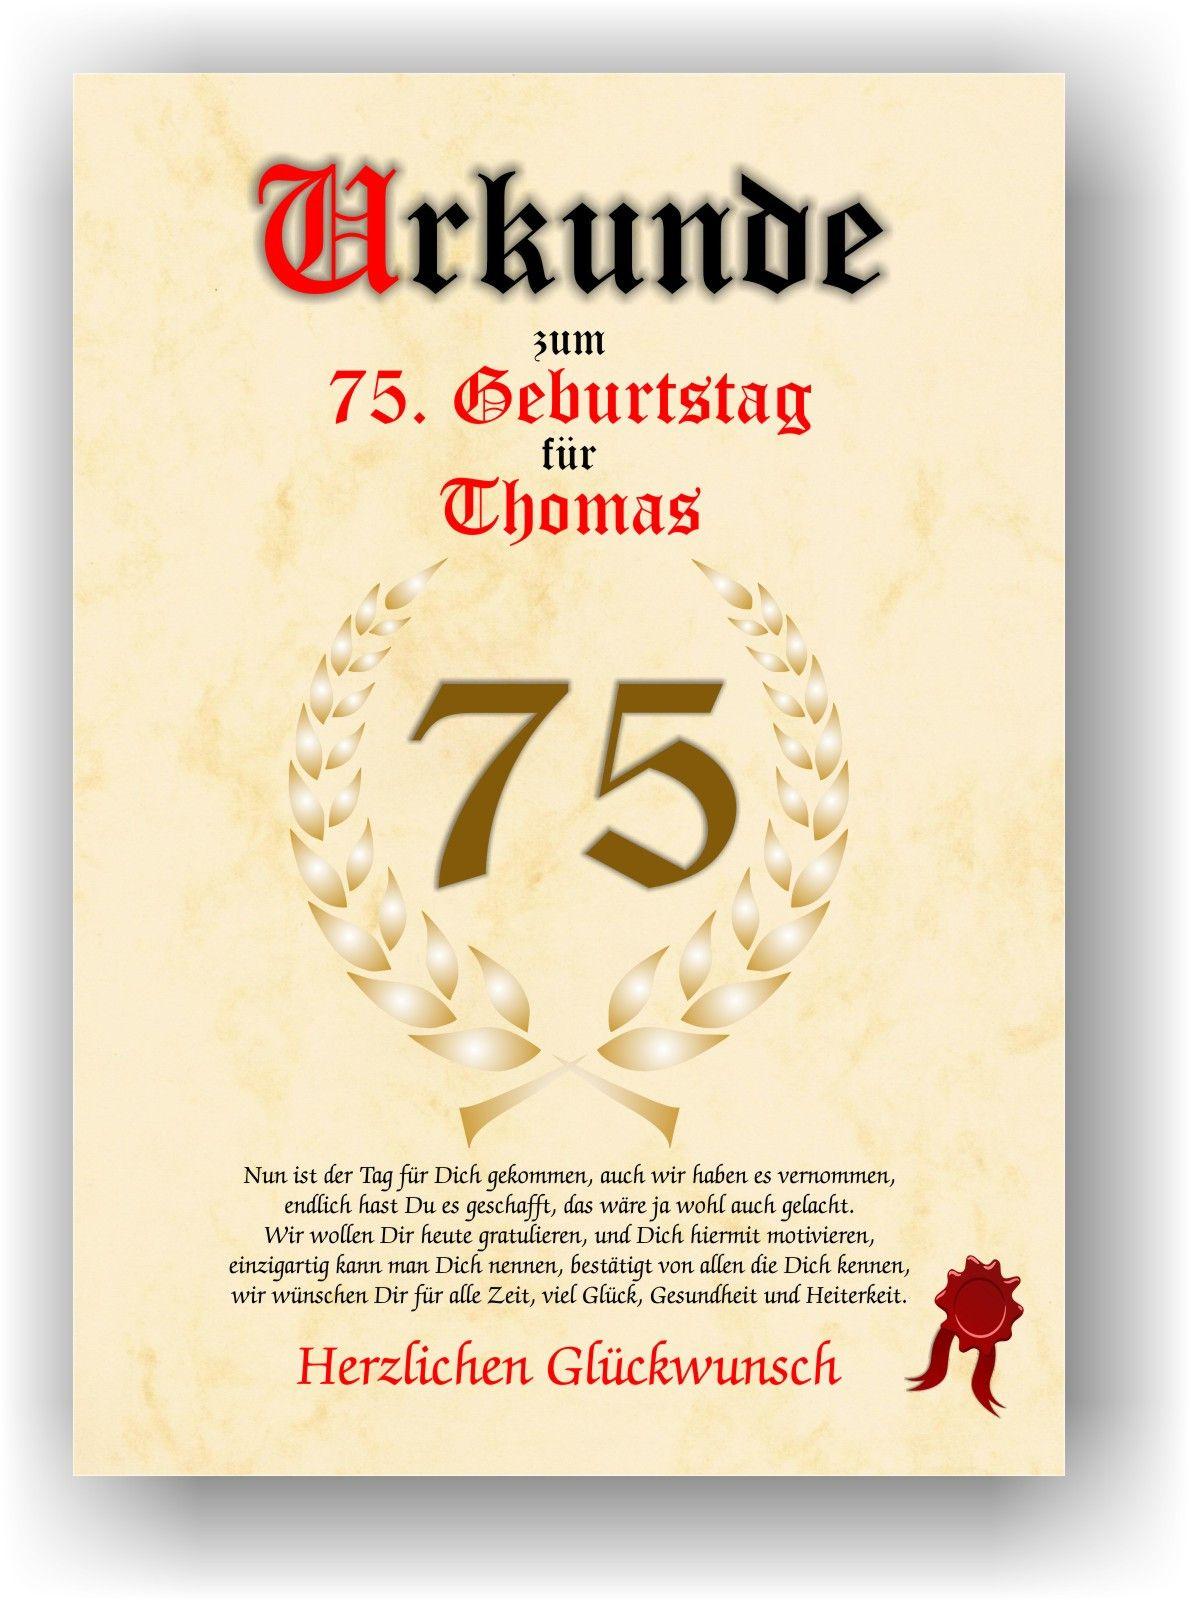 Geburtstagswünsche 75 Geburtstag